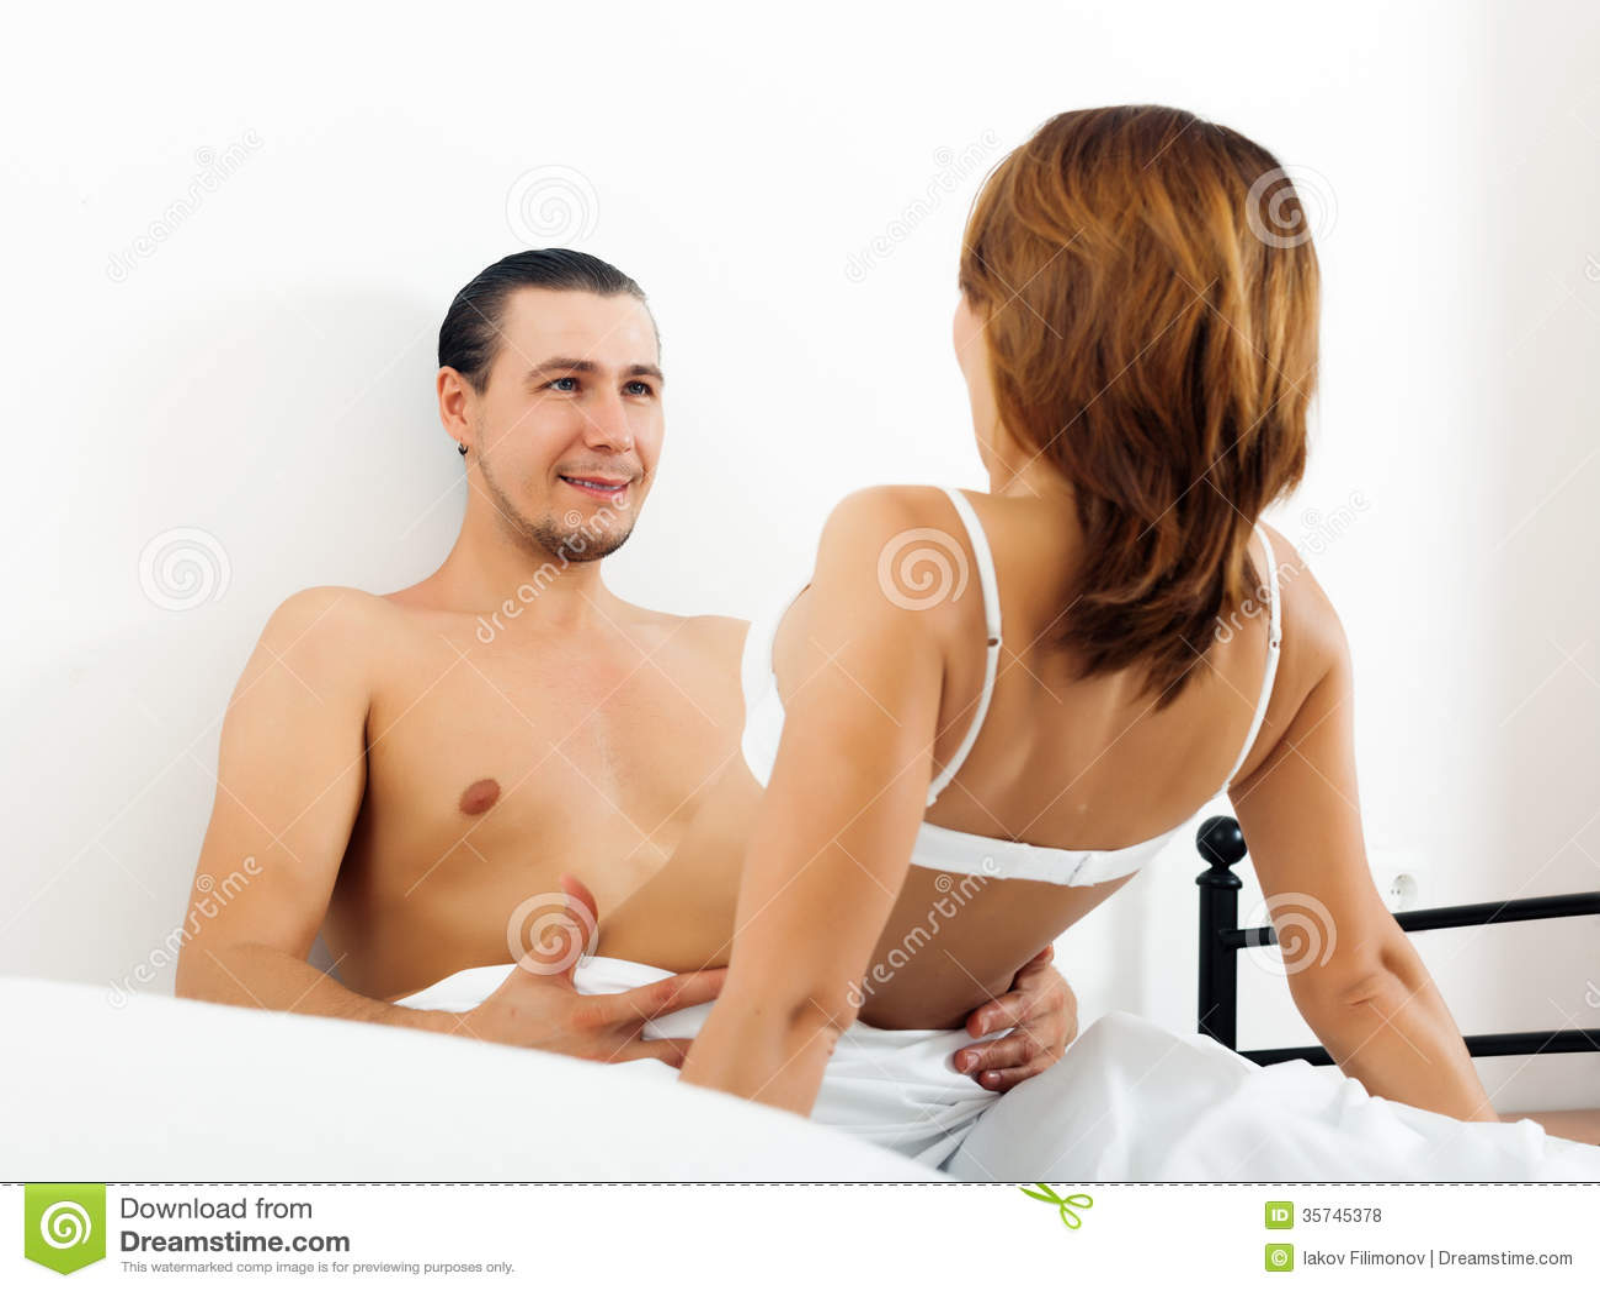 frau hat sex mit frau